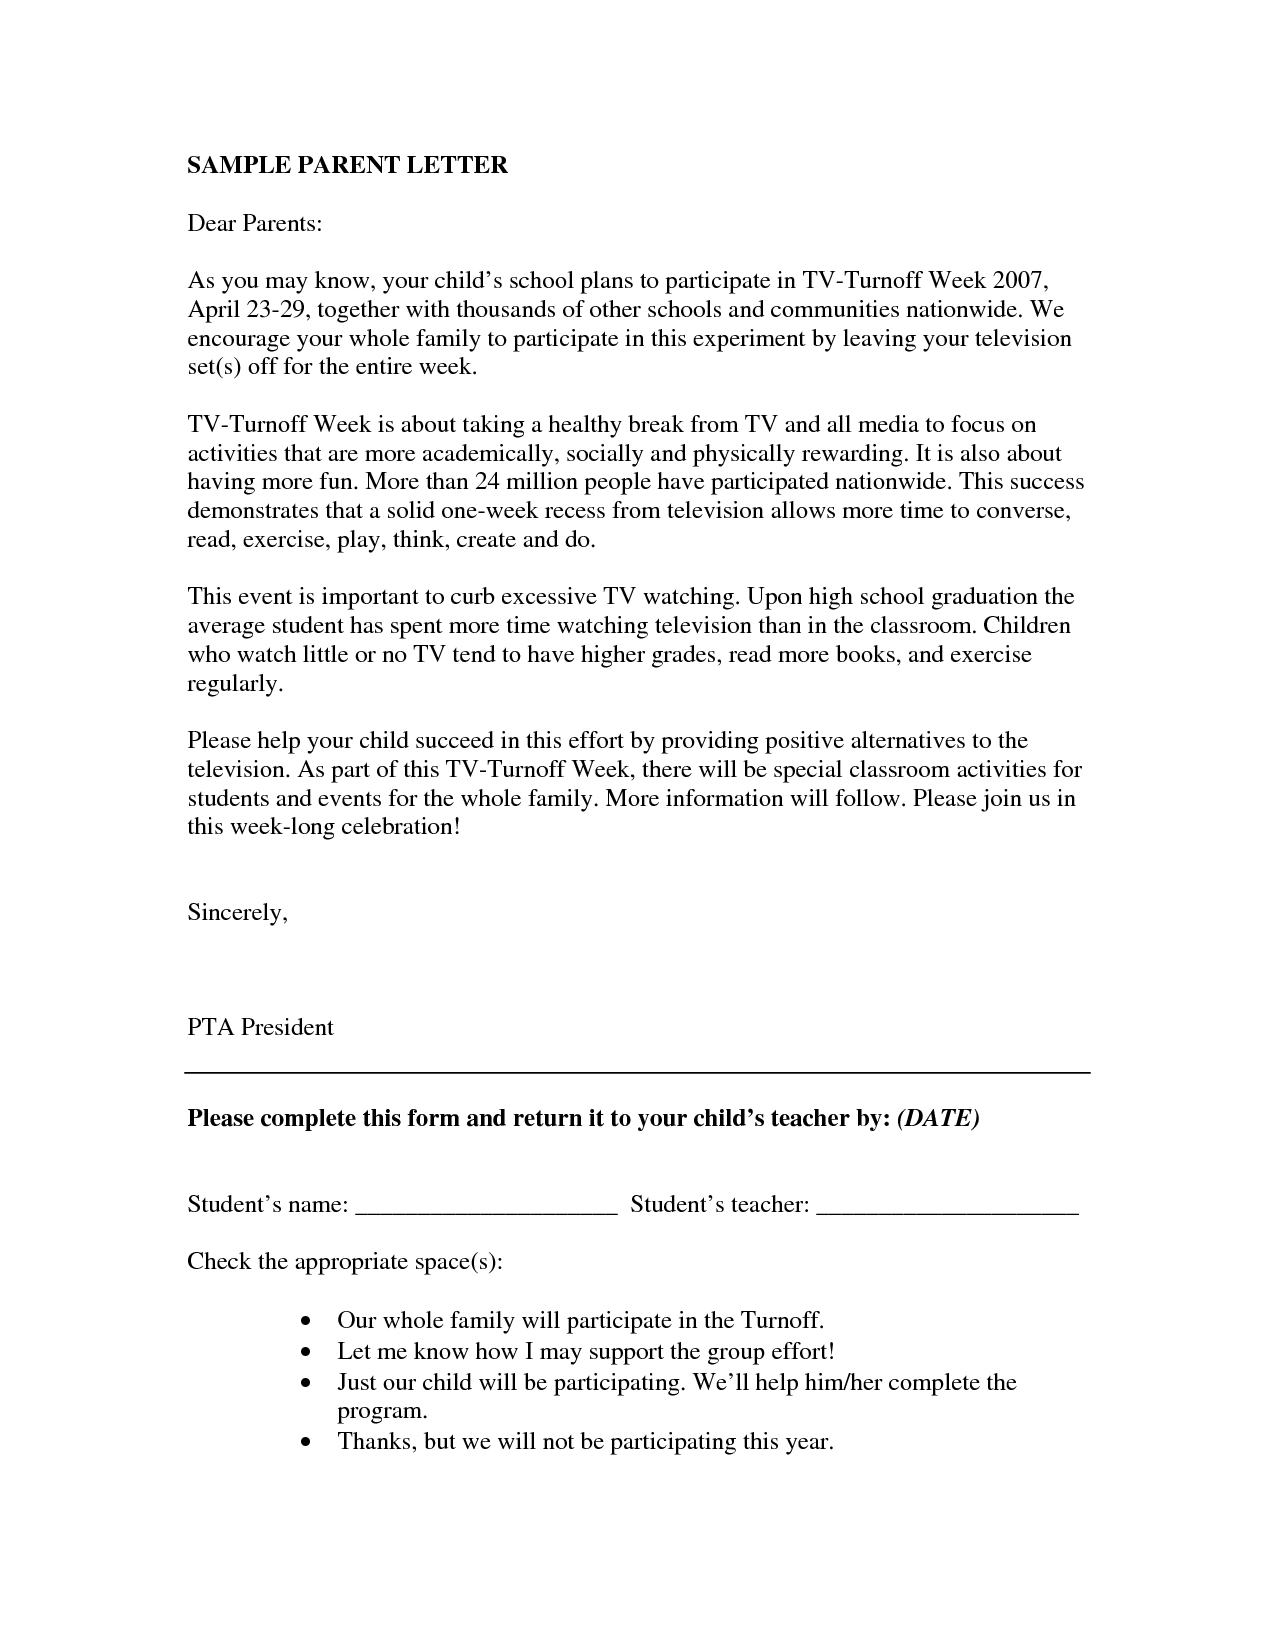 parent teacher letter templates. parent letters from teachers